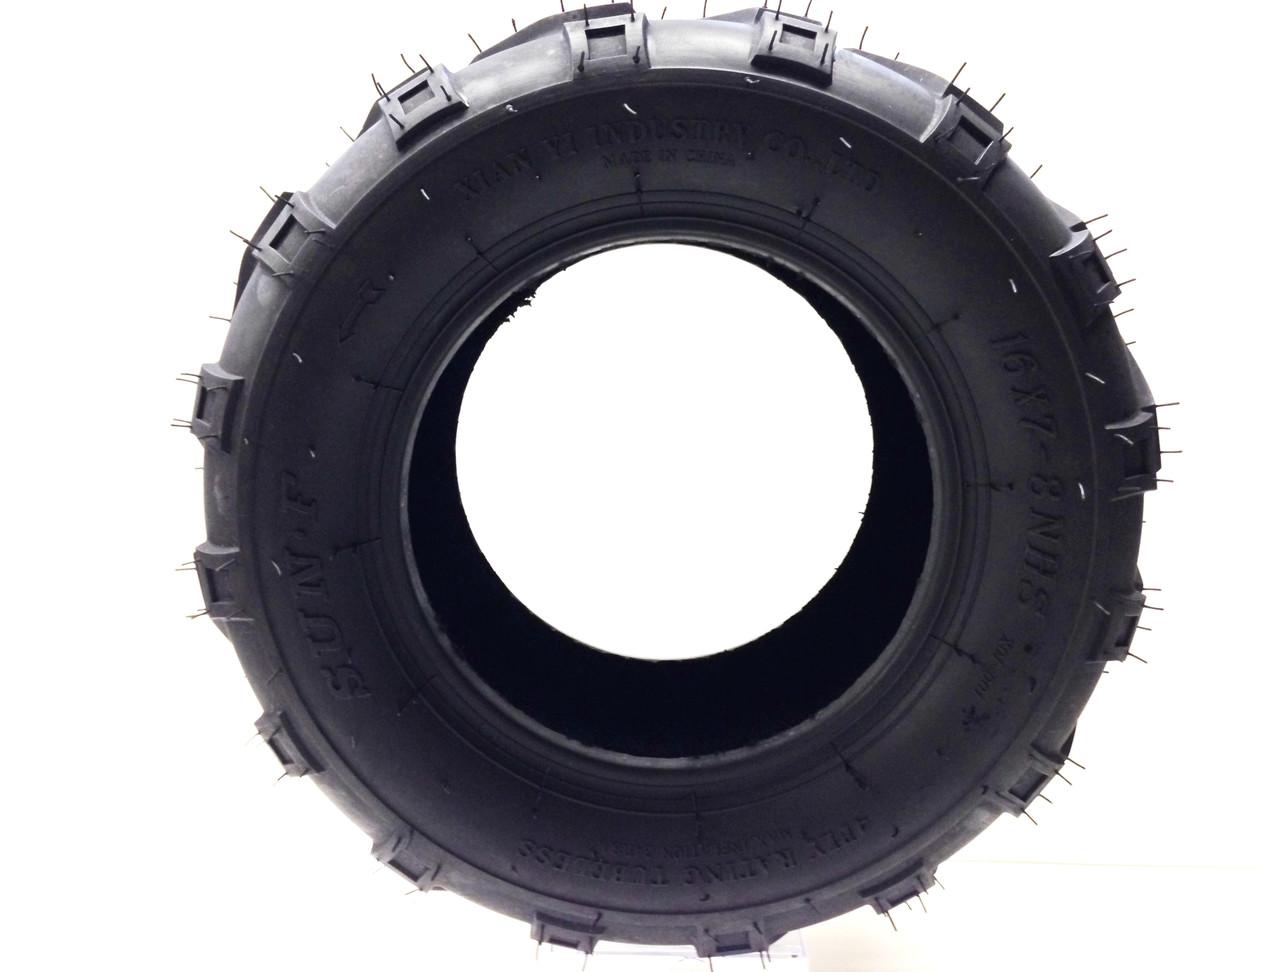 Trailmaster Mid Xrx /& Hammerhead Mudhead Rear Tires 16x7-8 2 Tire set